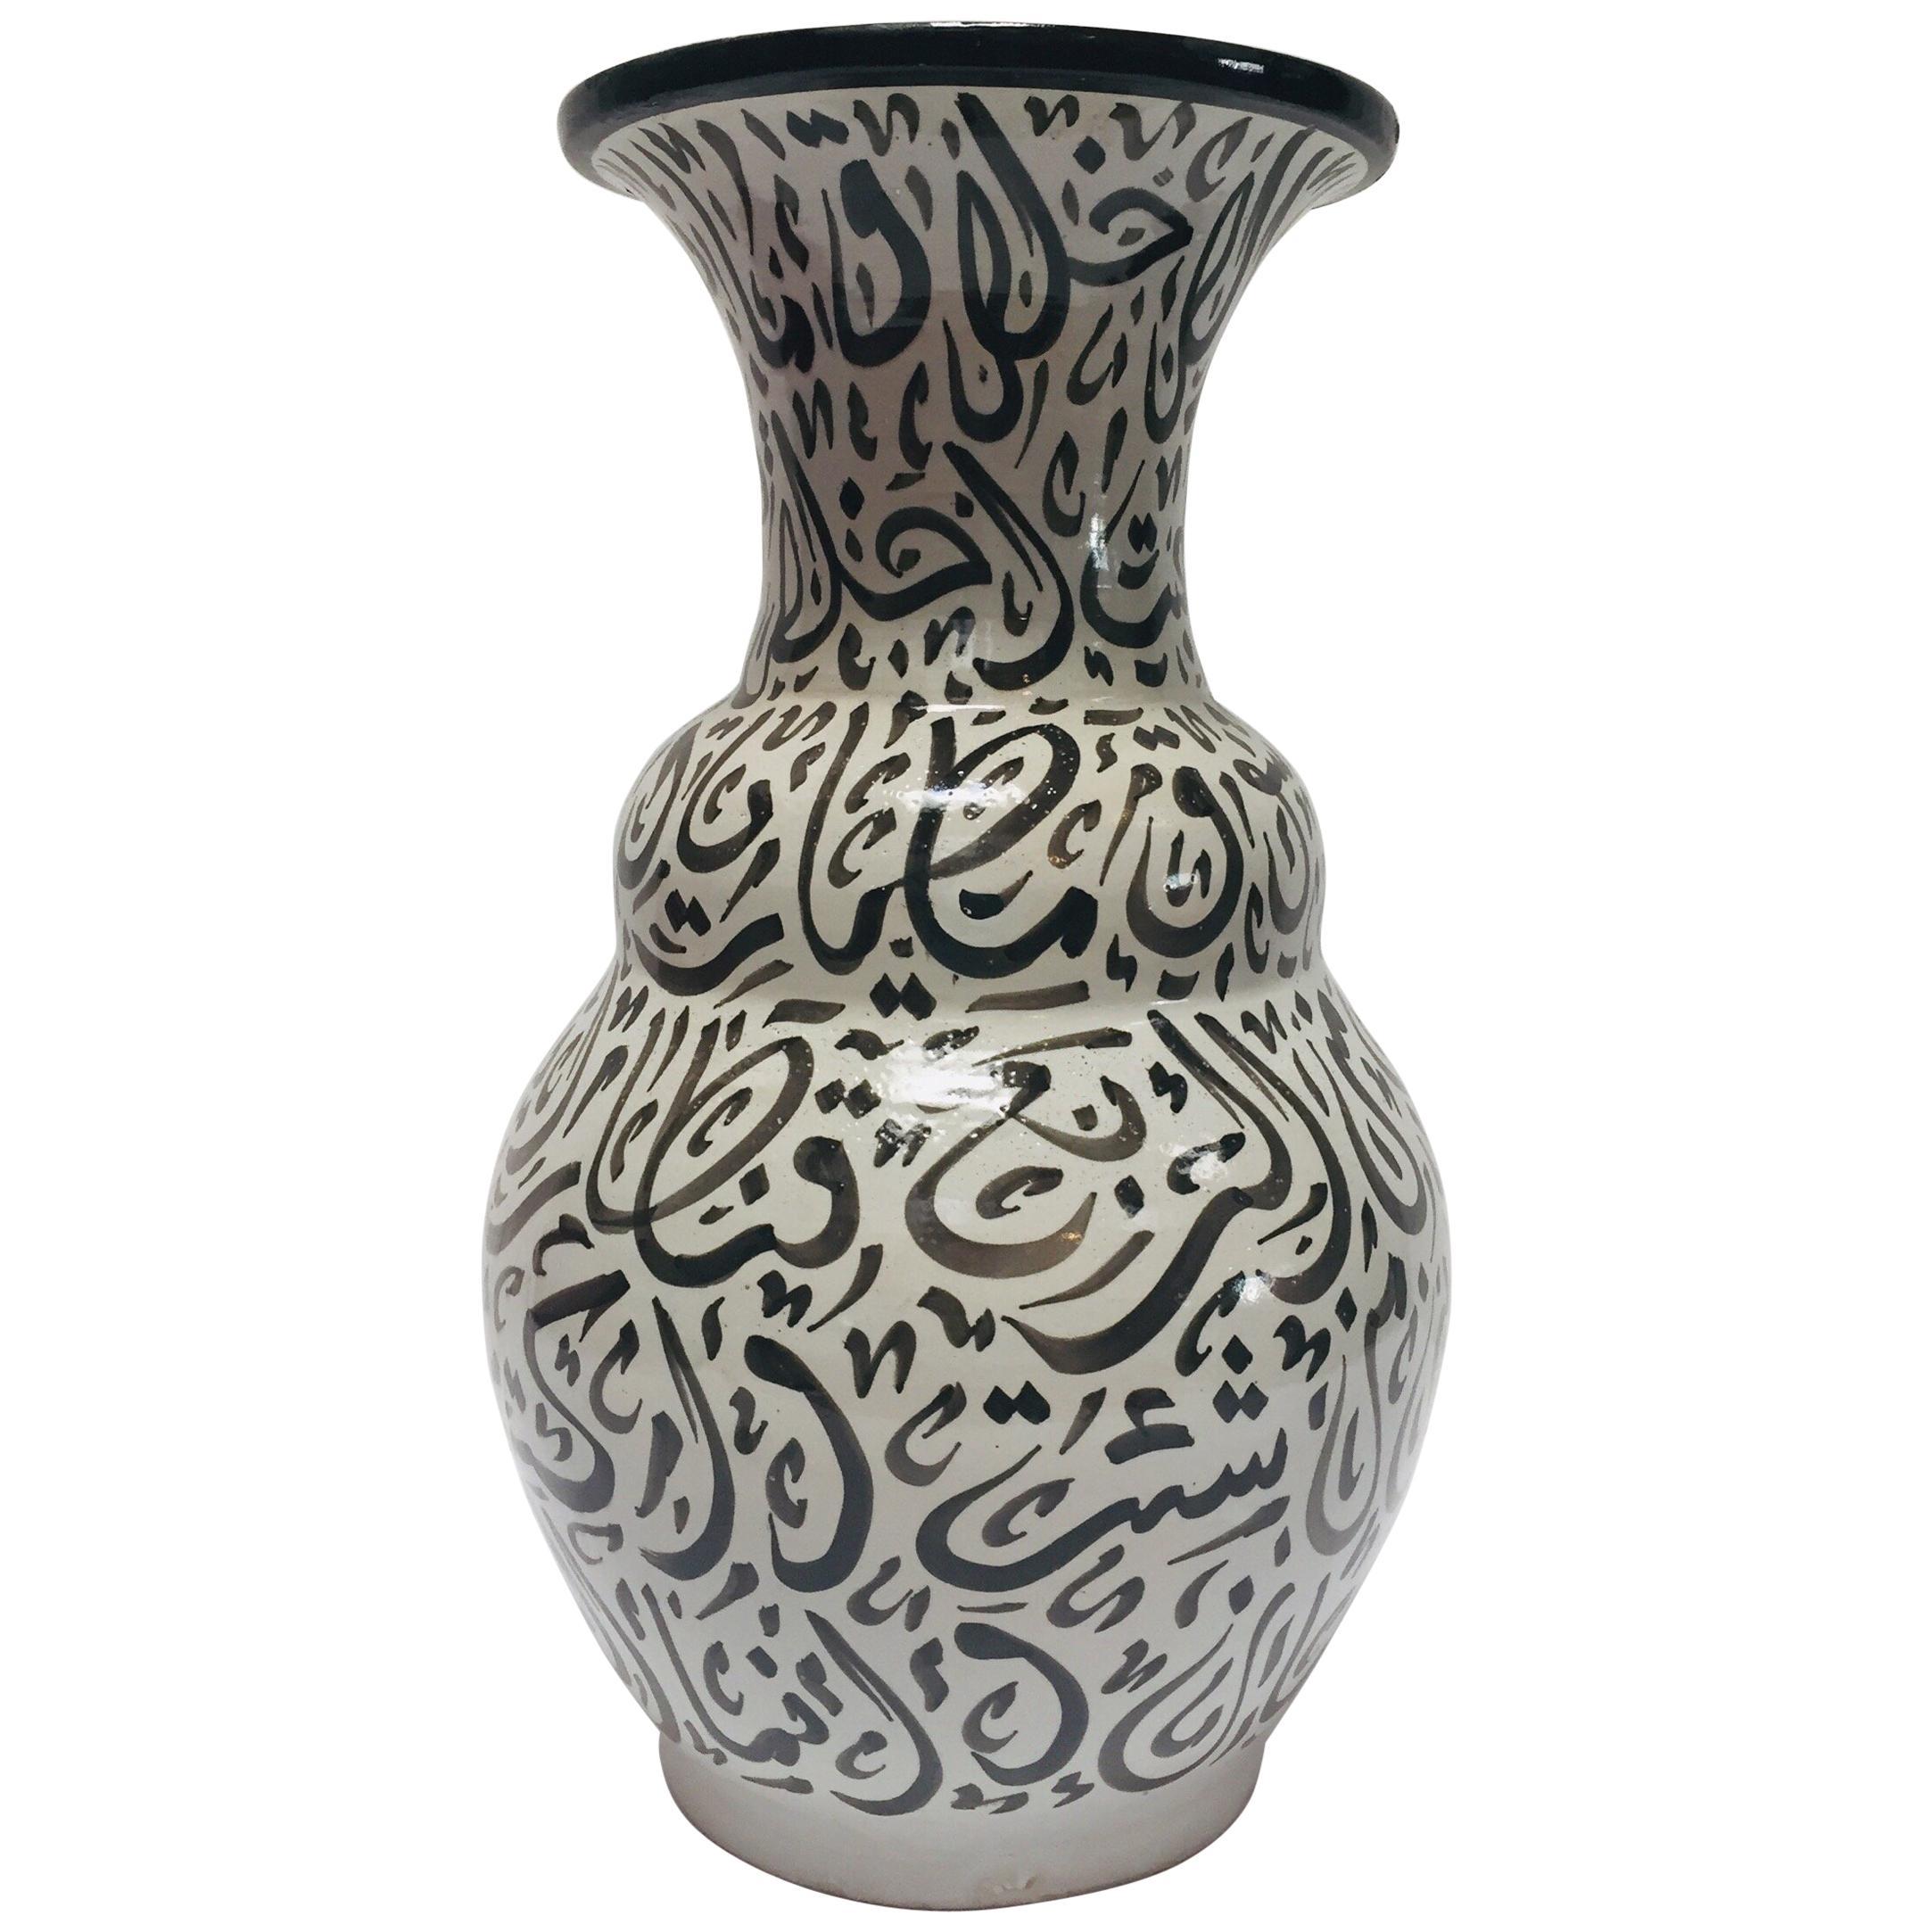 Moorish Glazed Ceramic Vase with Arabic Black Calligraphy Writing, Fez